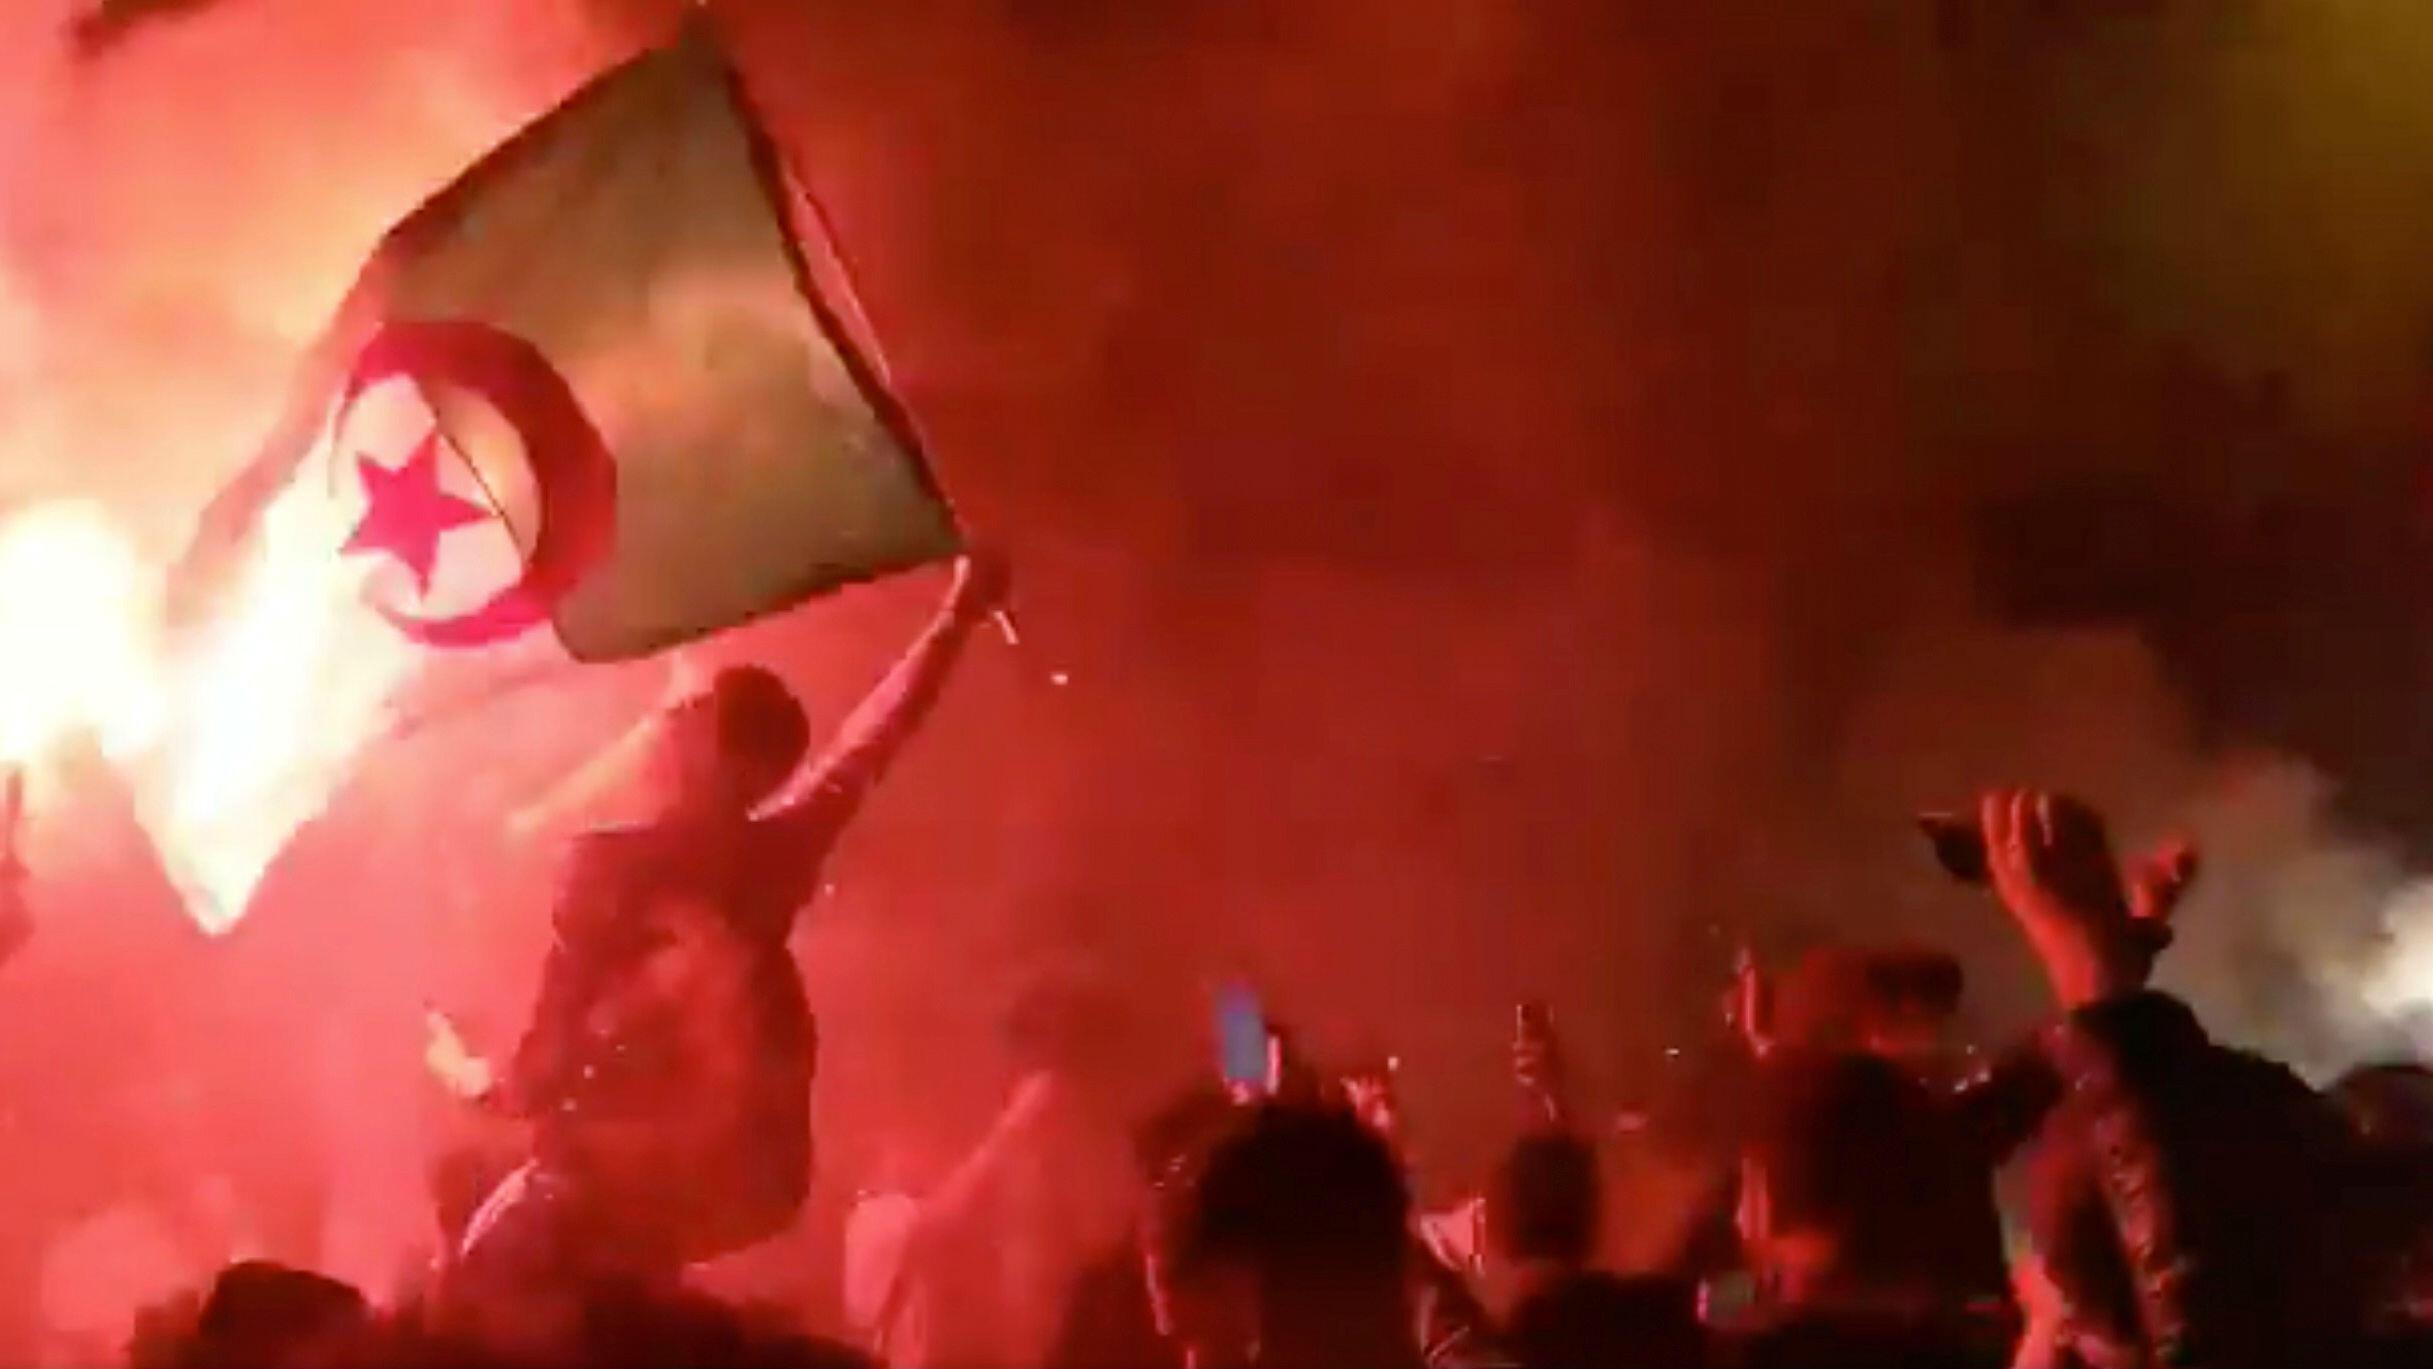 Se muestra una bandera argelina mientras los fanáticos celebran, luego de que Argelia ganó la Copa de África de Naciones, en Old Kent Road en Londres, Gran Bretaña, el 19 de julio de 2019, en esta imagen obtenida de las redes sociales.